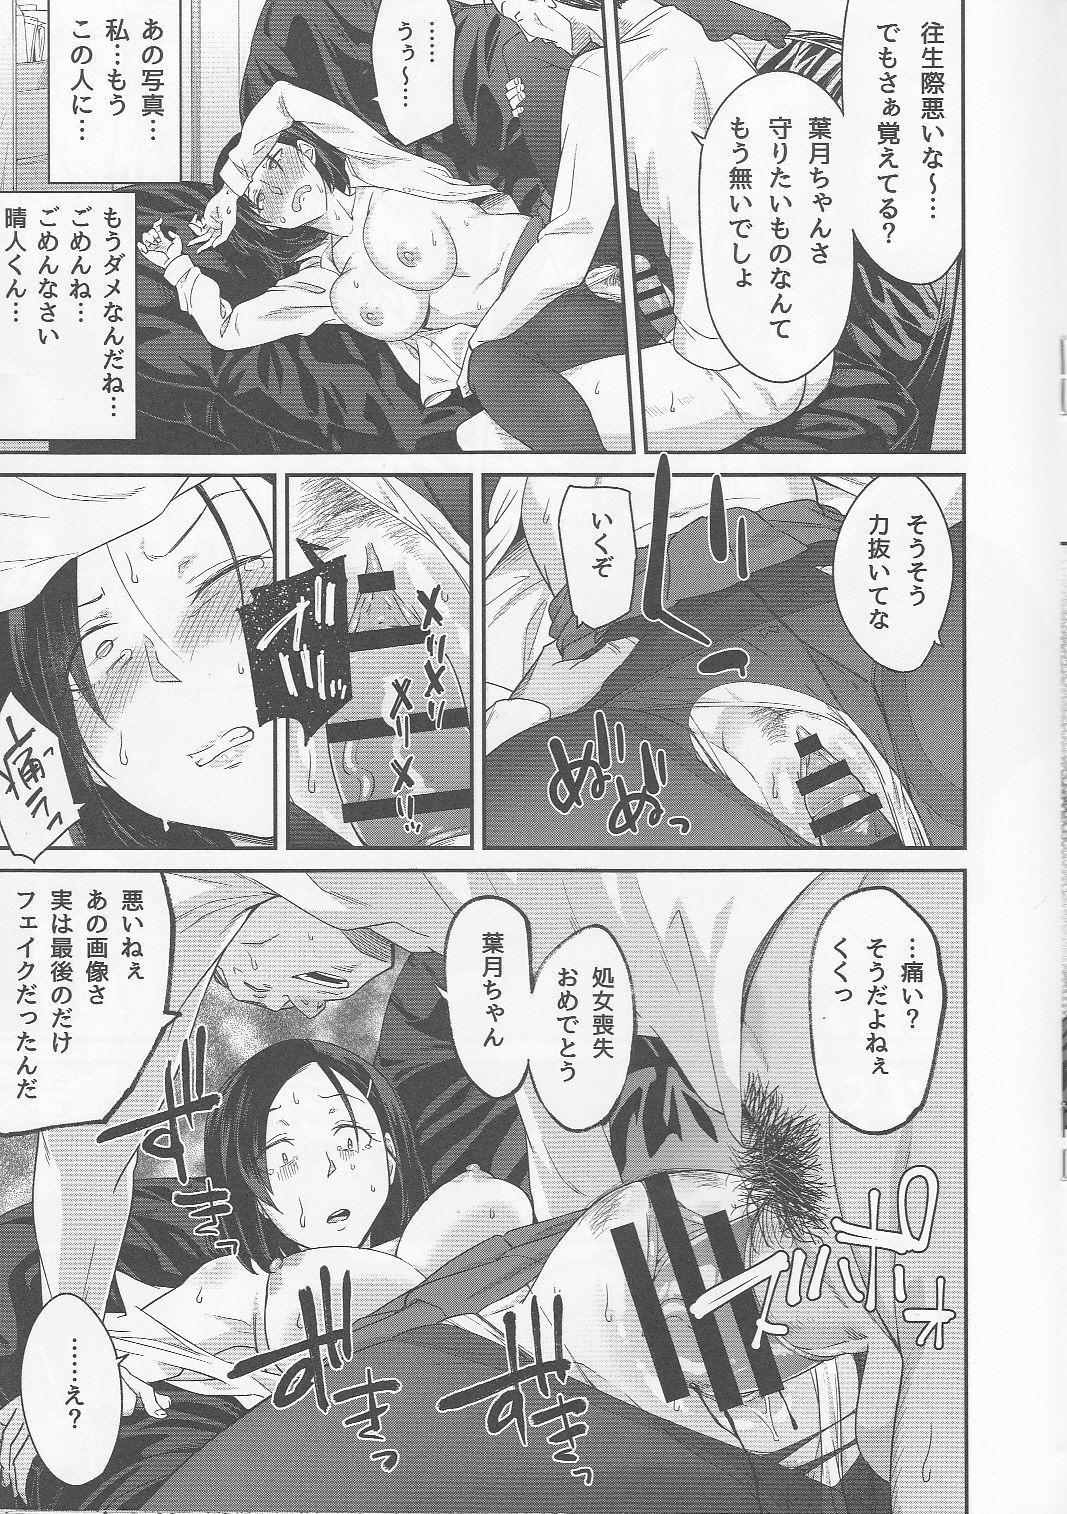 [Orikuchi Hirata] Toranoana Haru no Adult Kanshasai ~NTR Hen~ Kanojo no Shuumatsu Netorare Jijou 13